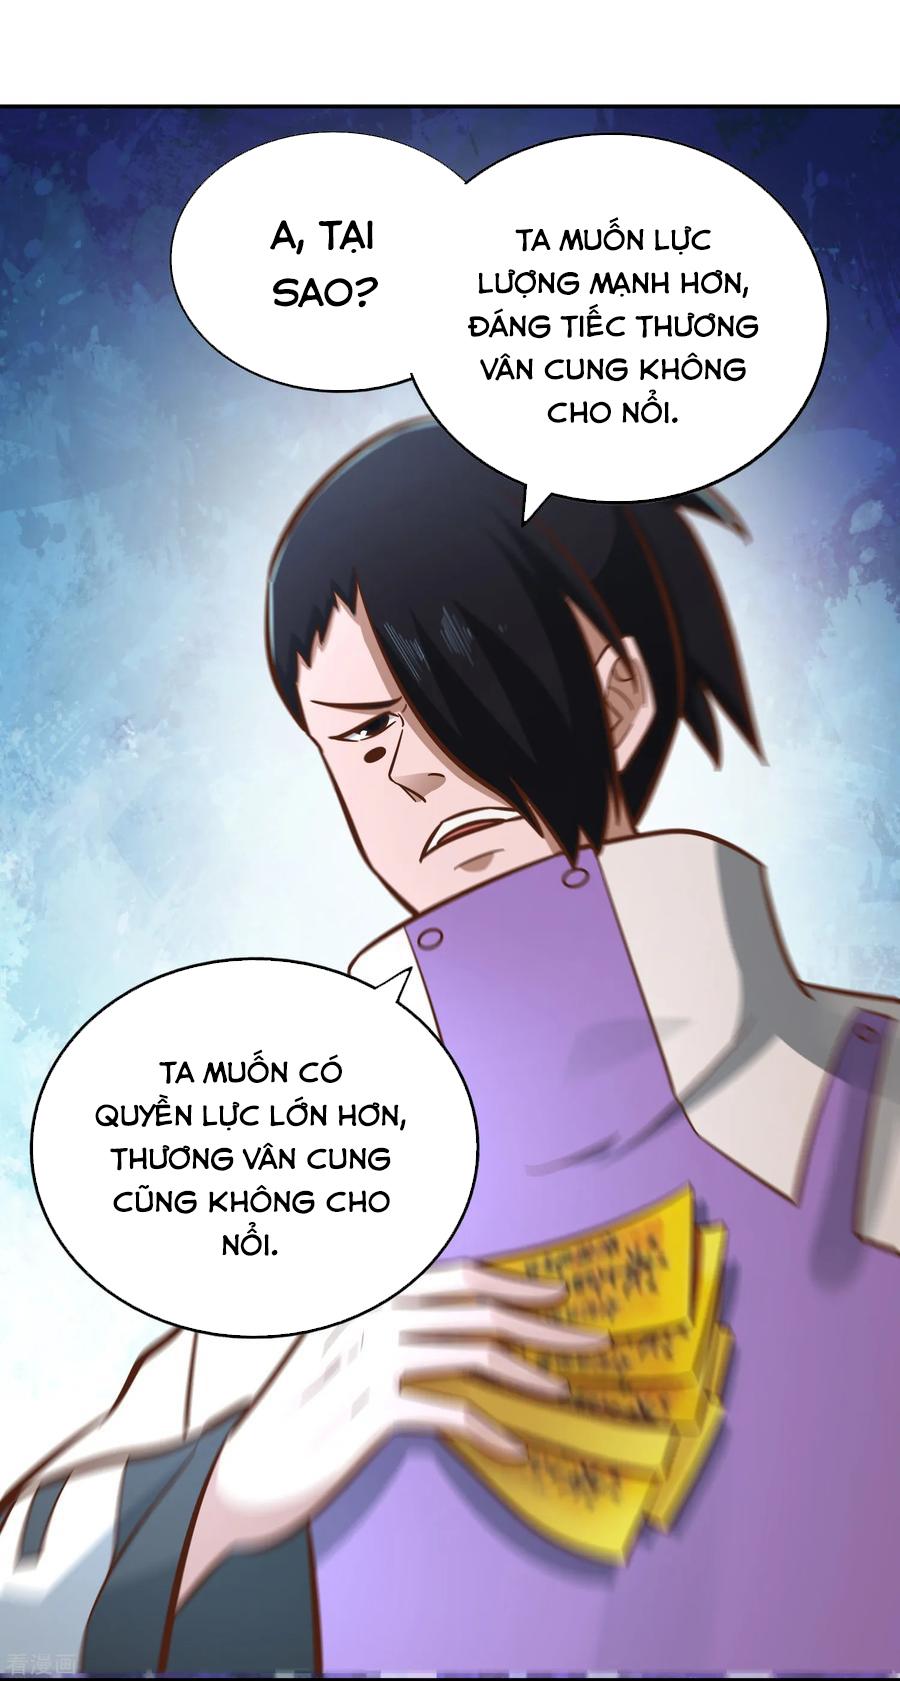 Võ Linh Kiếm Tôn chap 130 - Trang 8